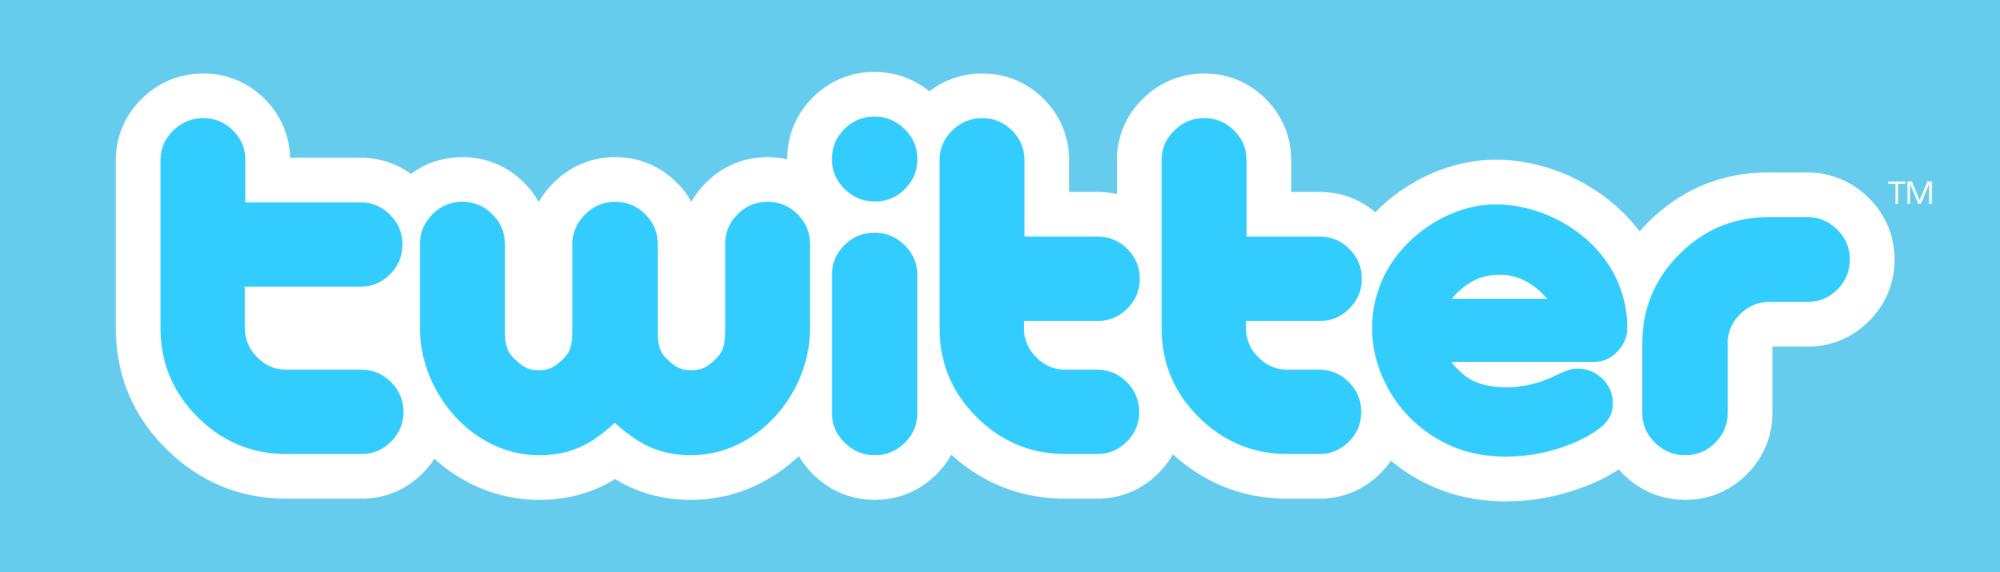 Накрутка подписчиков в Твиттер. Накрутить Твиттер. Накрутка читателей в твиттере. Читатели Твиттер. Накрутка подписчиков Твиттер онлайн